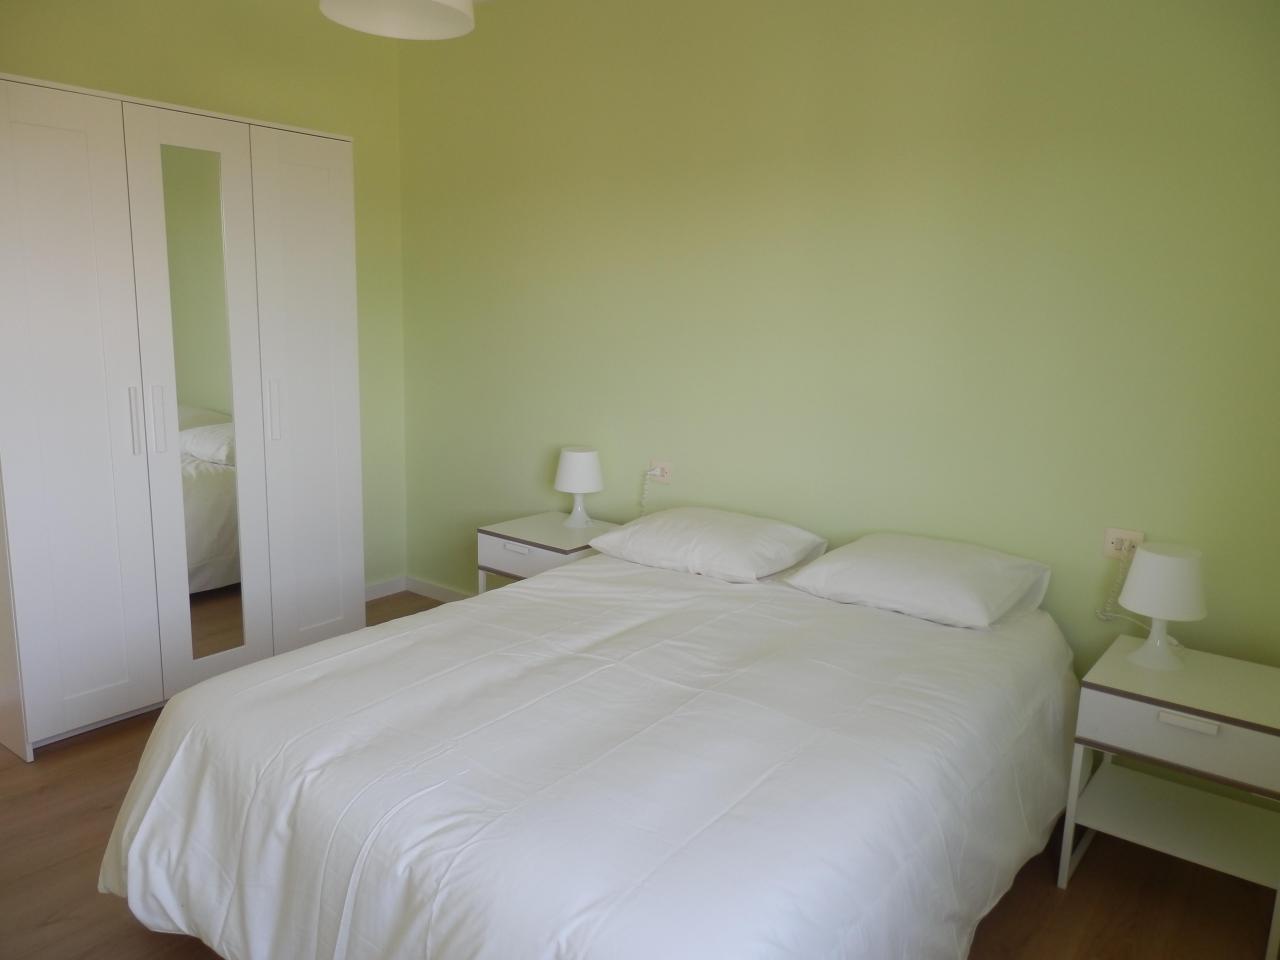 Habitaciones en alquiler Tui, Pontevedra